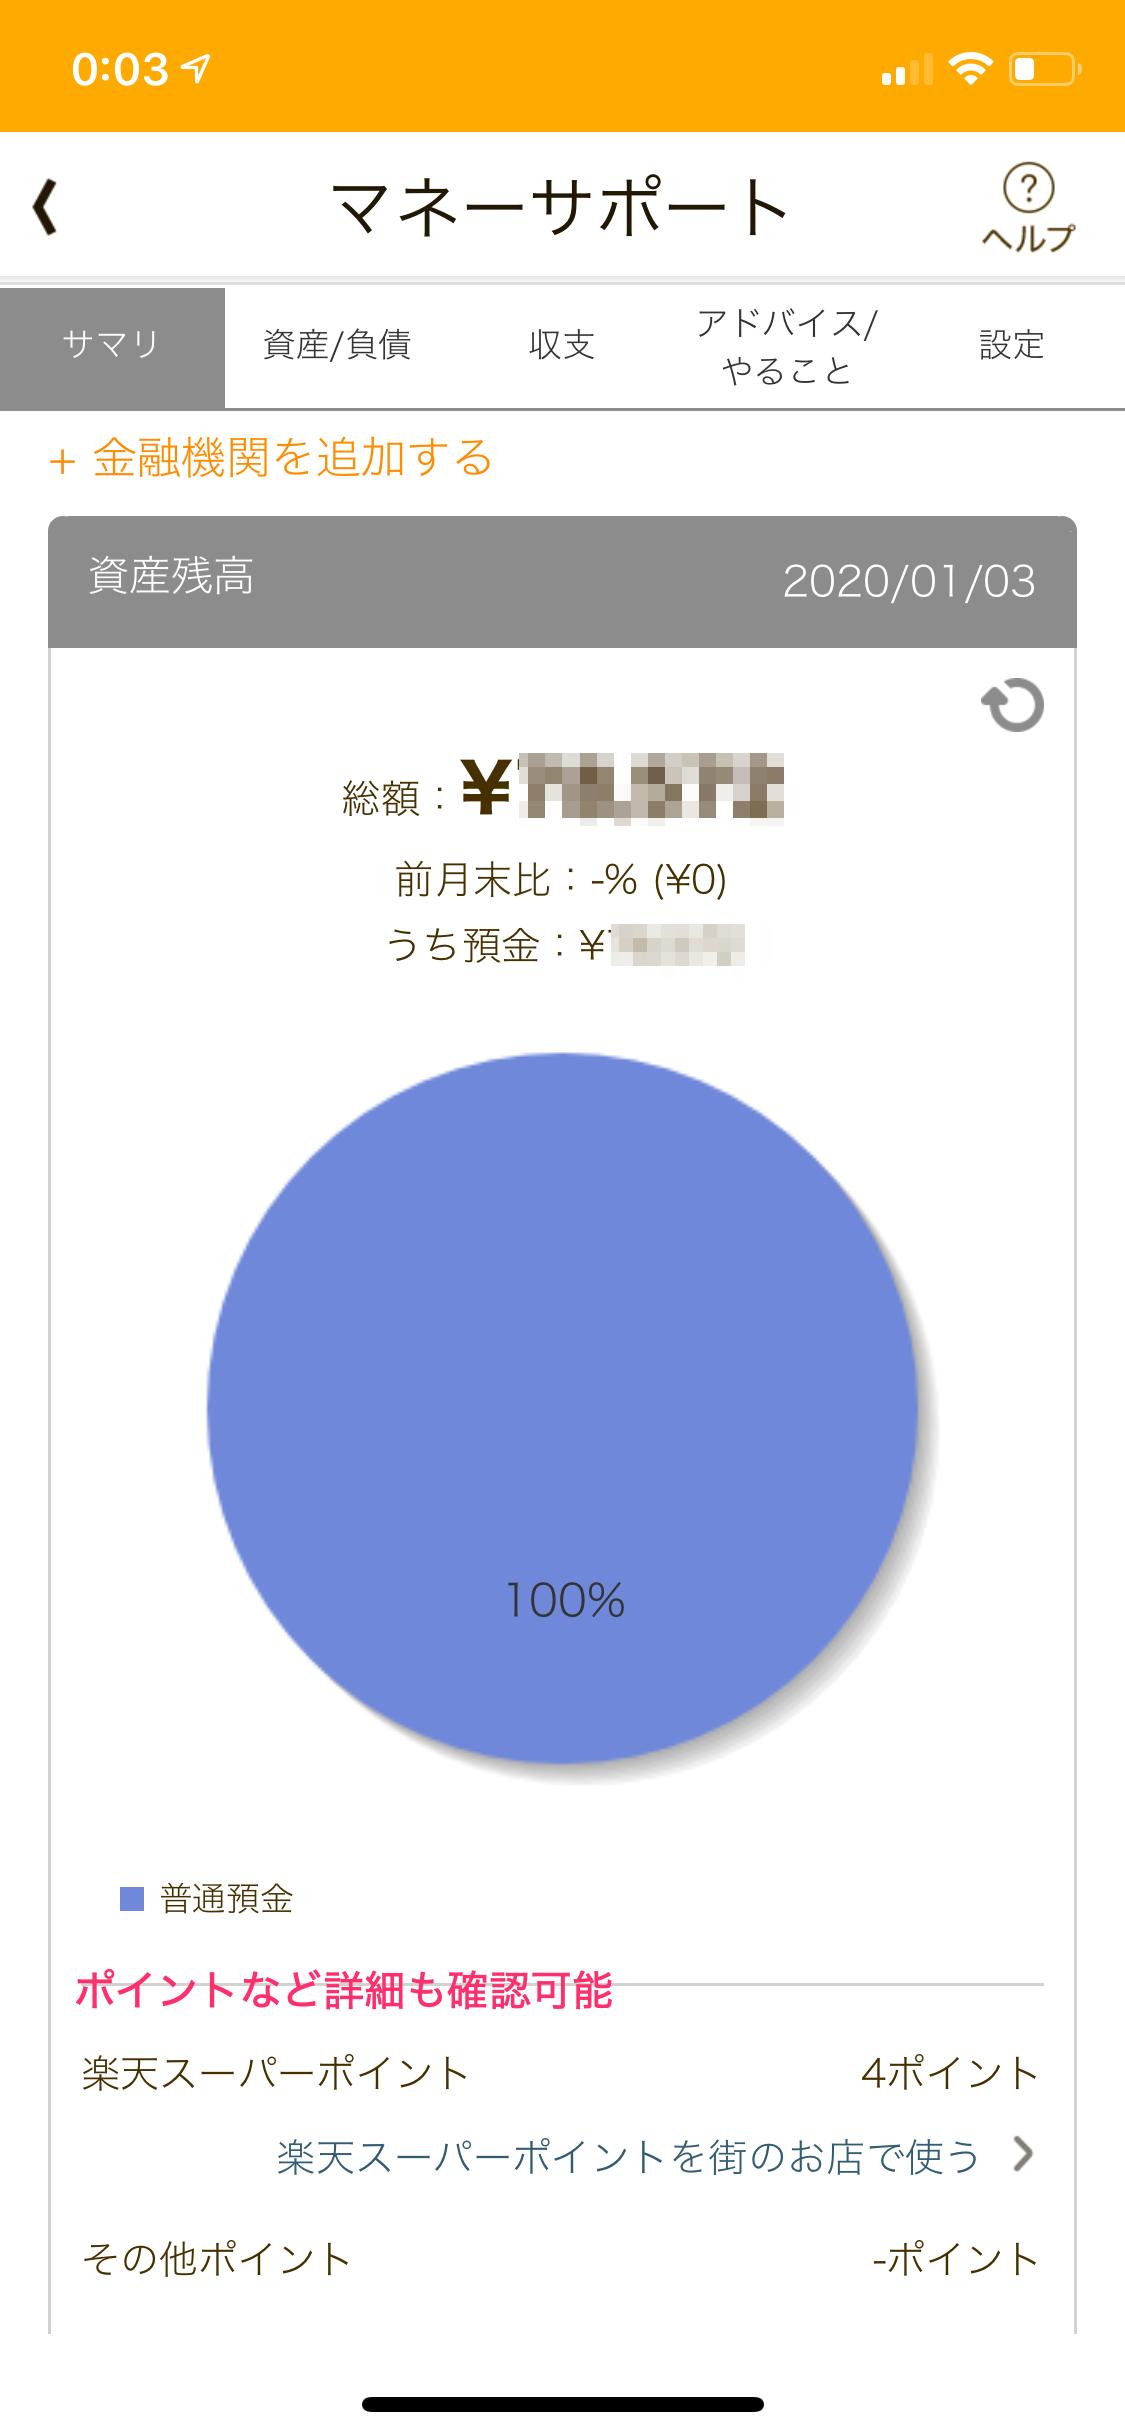 楽天銀行のマネーサポートアプリ